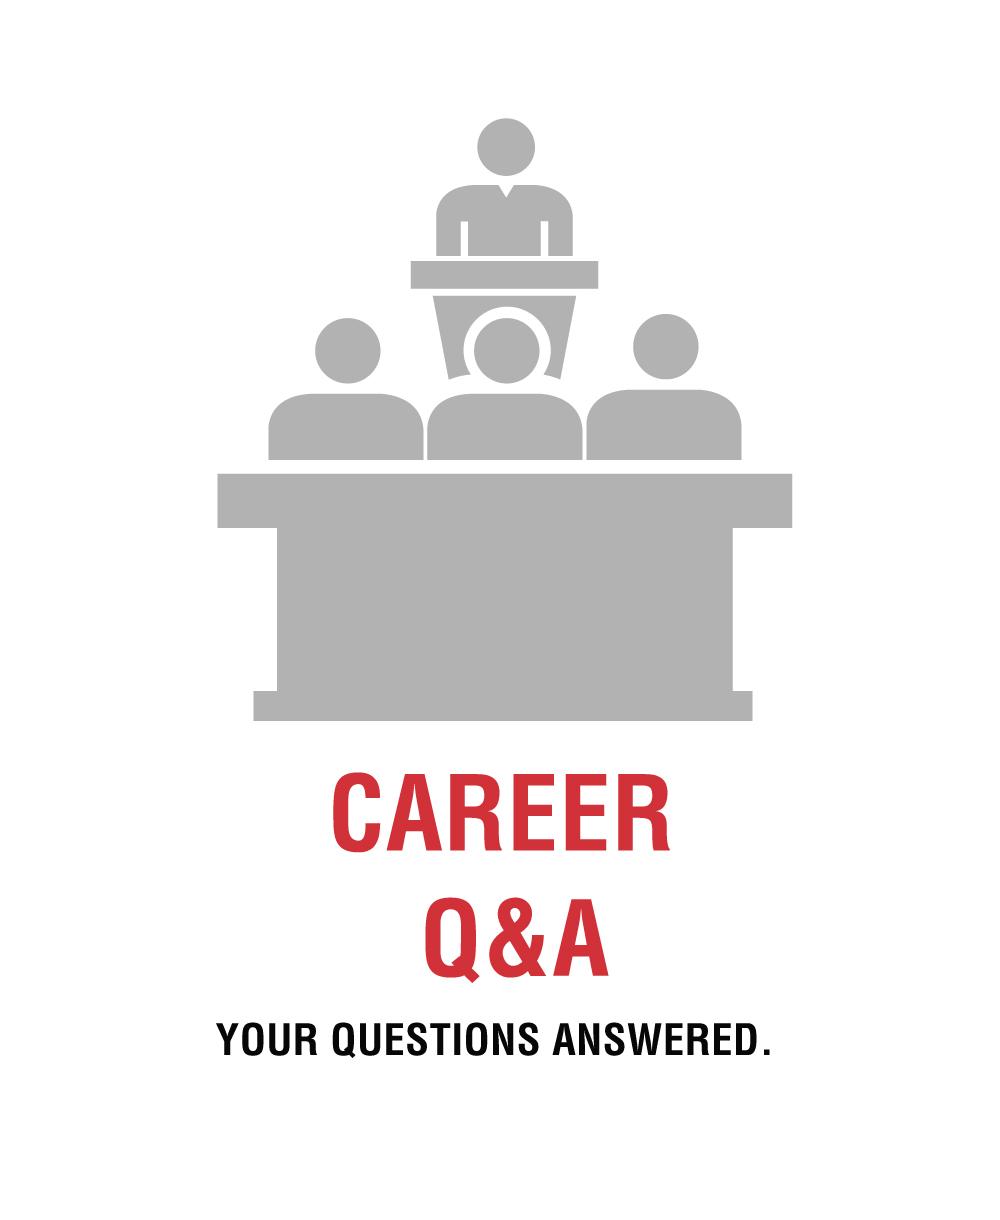 Career Q&A